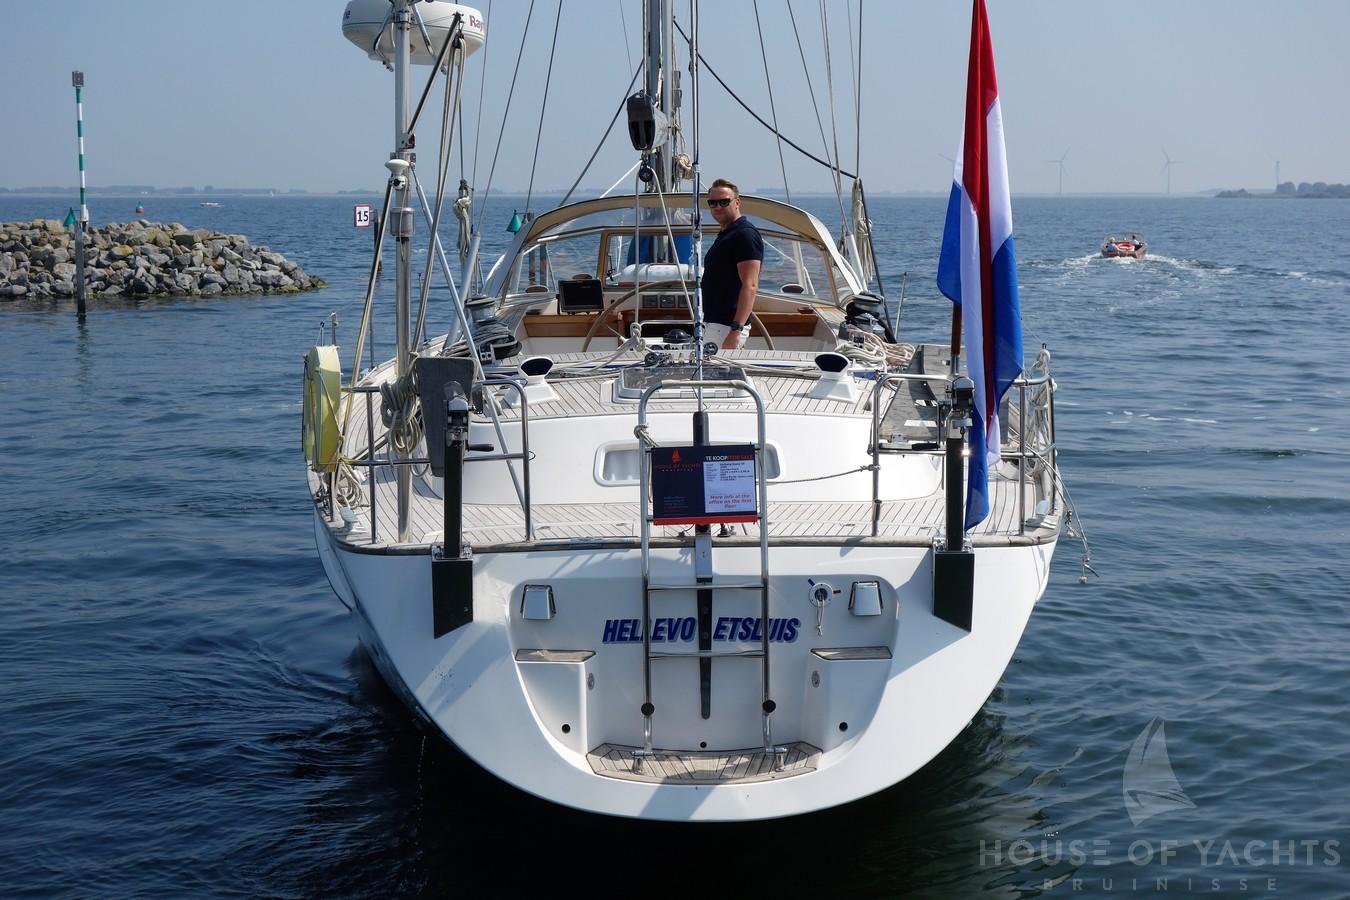 Hallberg-Rassy 53 - House of Yachts